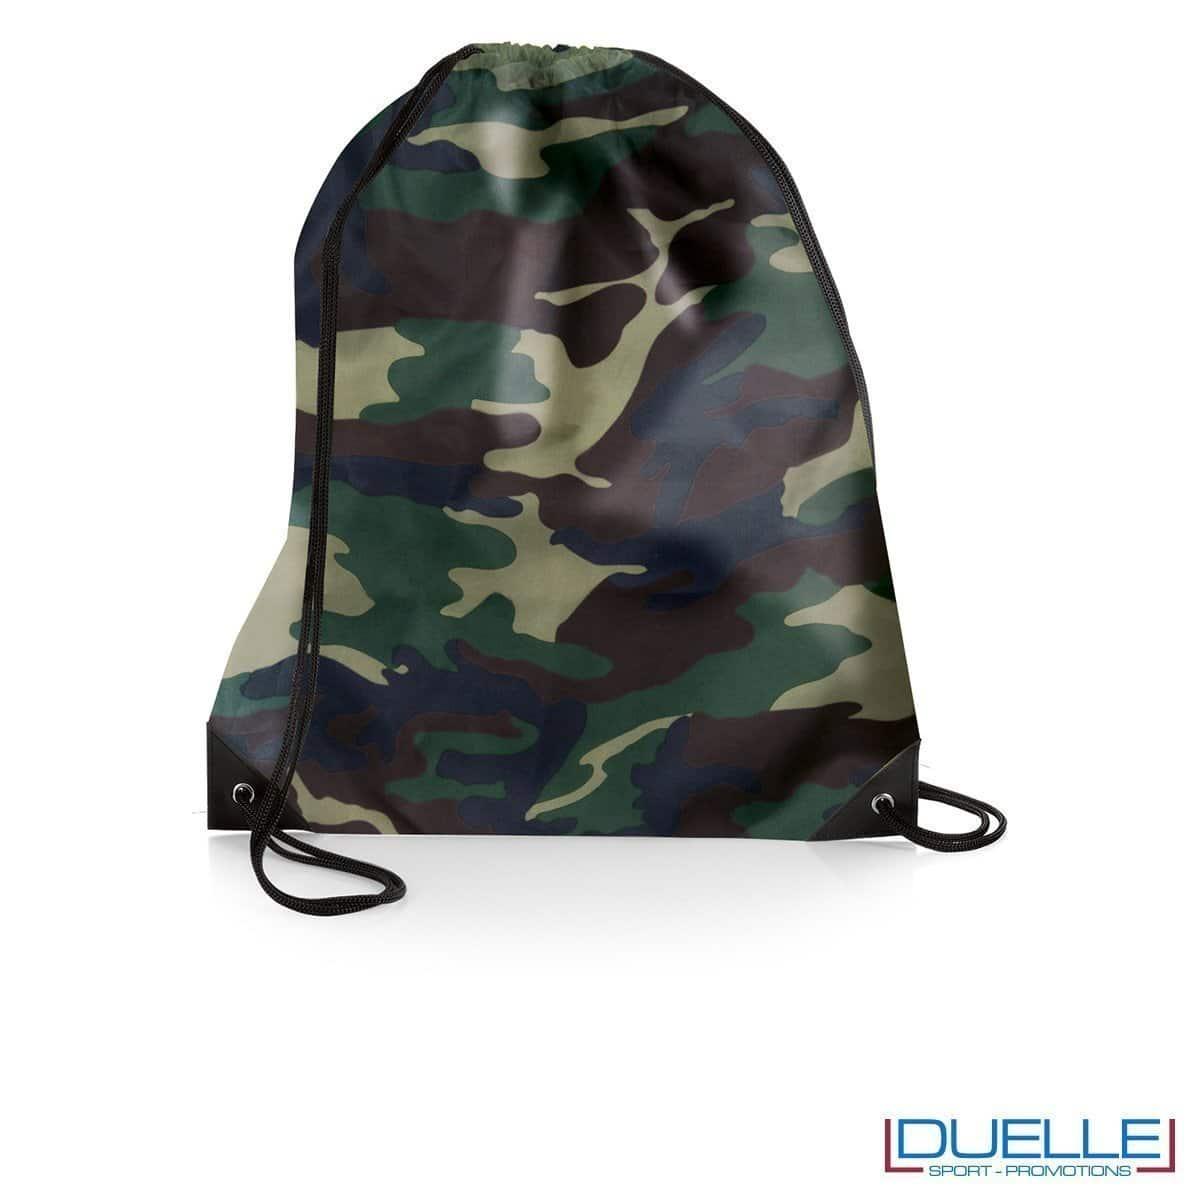 zainetto sportivo personalizzato in nylon colore militare con rinforzi, gadget sportivi personalizzati